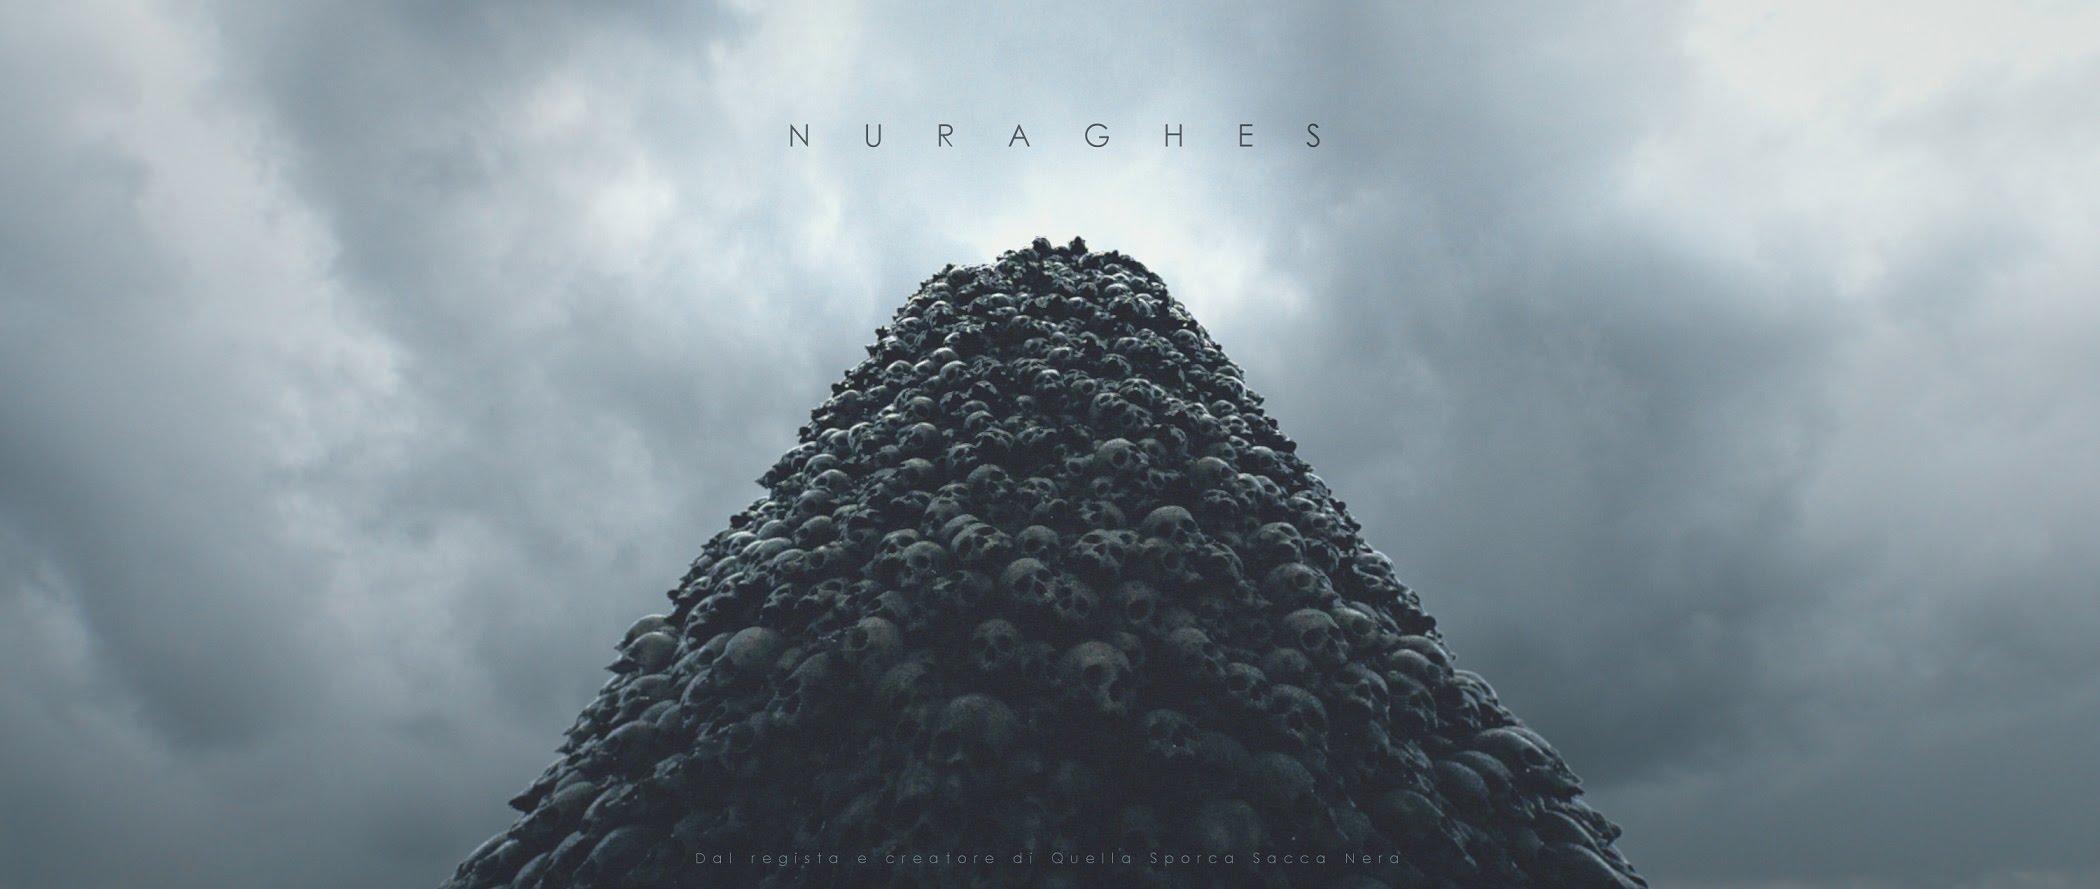 Nuraghes